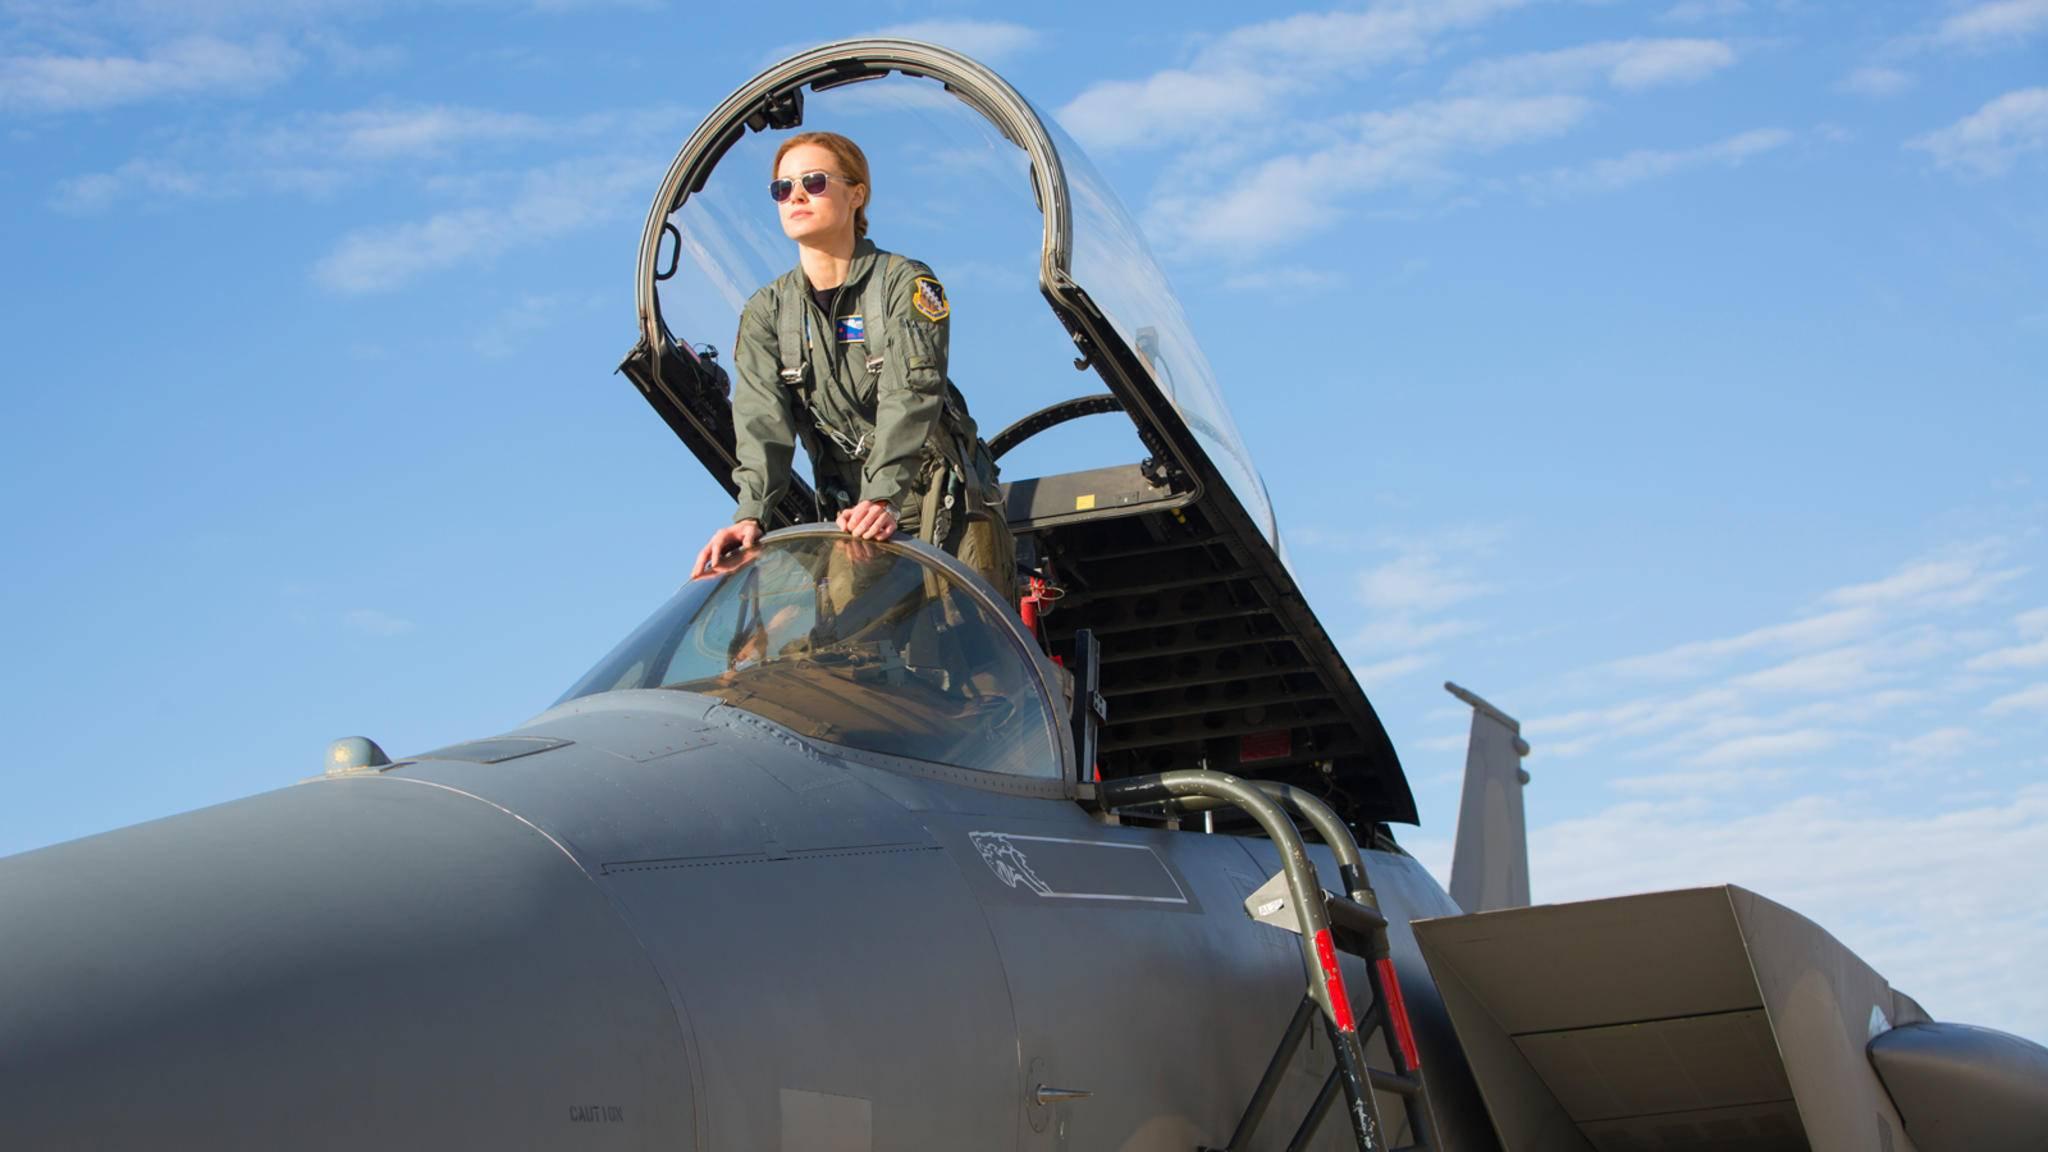 Carol Danvers aka Captain Marvel sollte nur einer der ersten vieler weiblicher Filmhelden sein, wenn es nach einer neuen Studie geht.